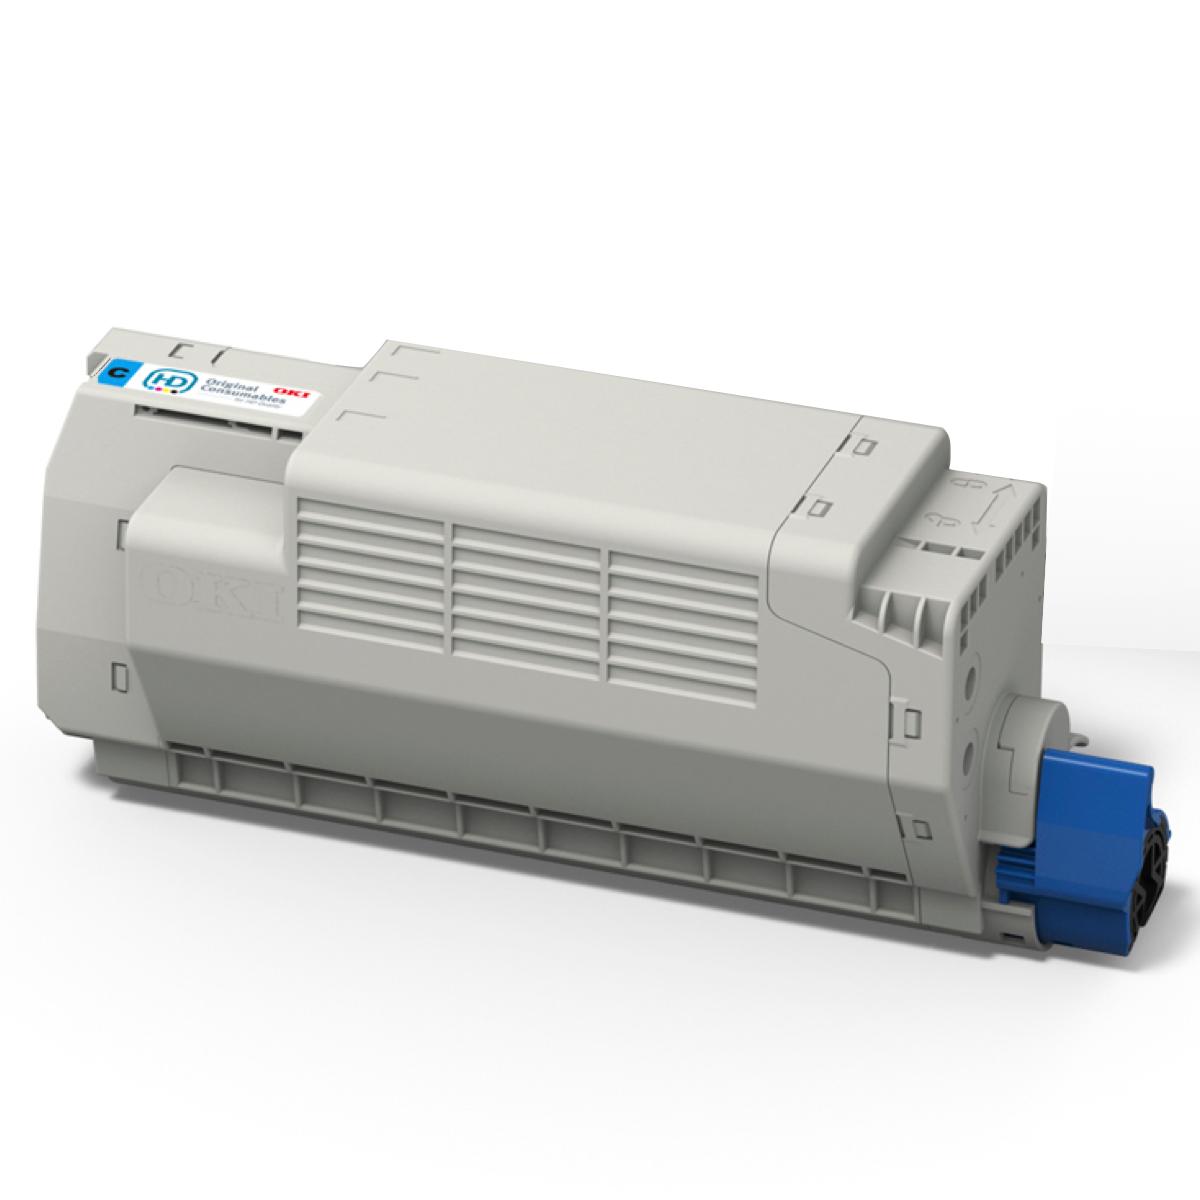 MWT ECO Toner MAGENTA für OKI MC-760-dn MC-770-dnf MC-760-dnfax MC-770-dn